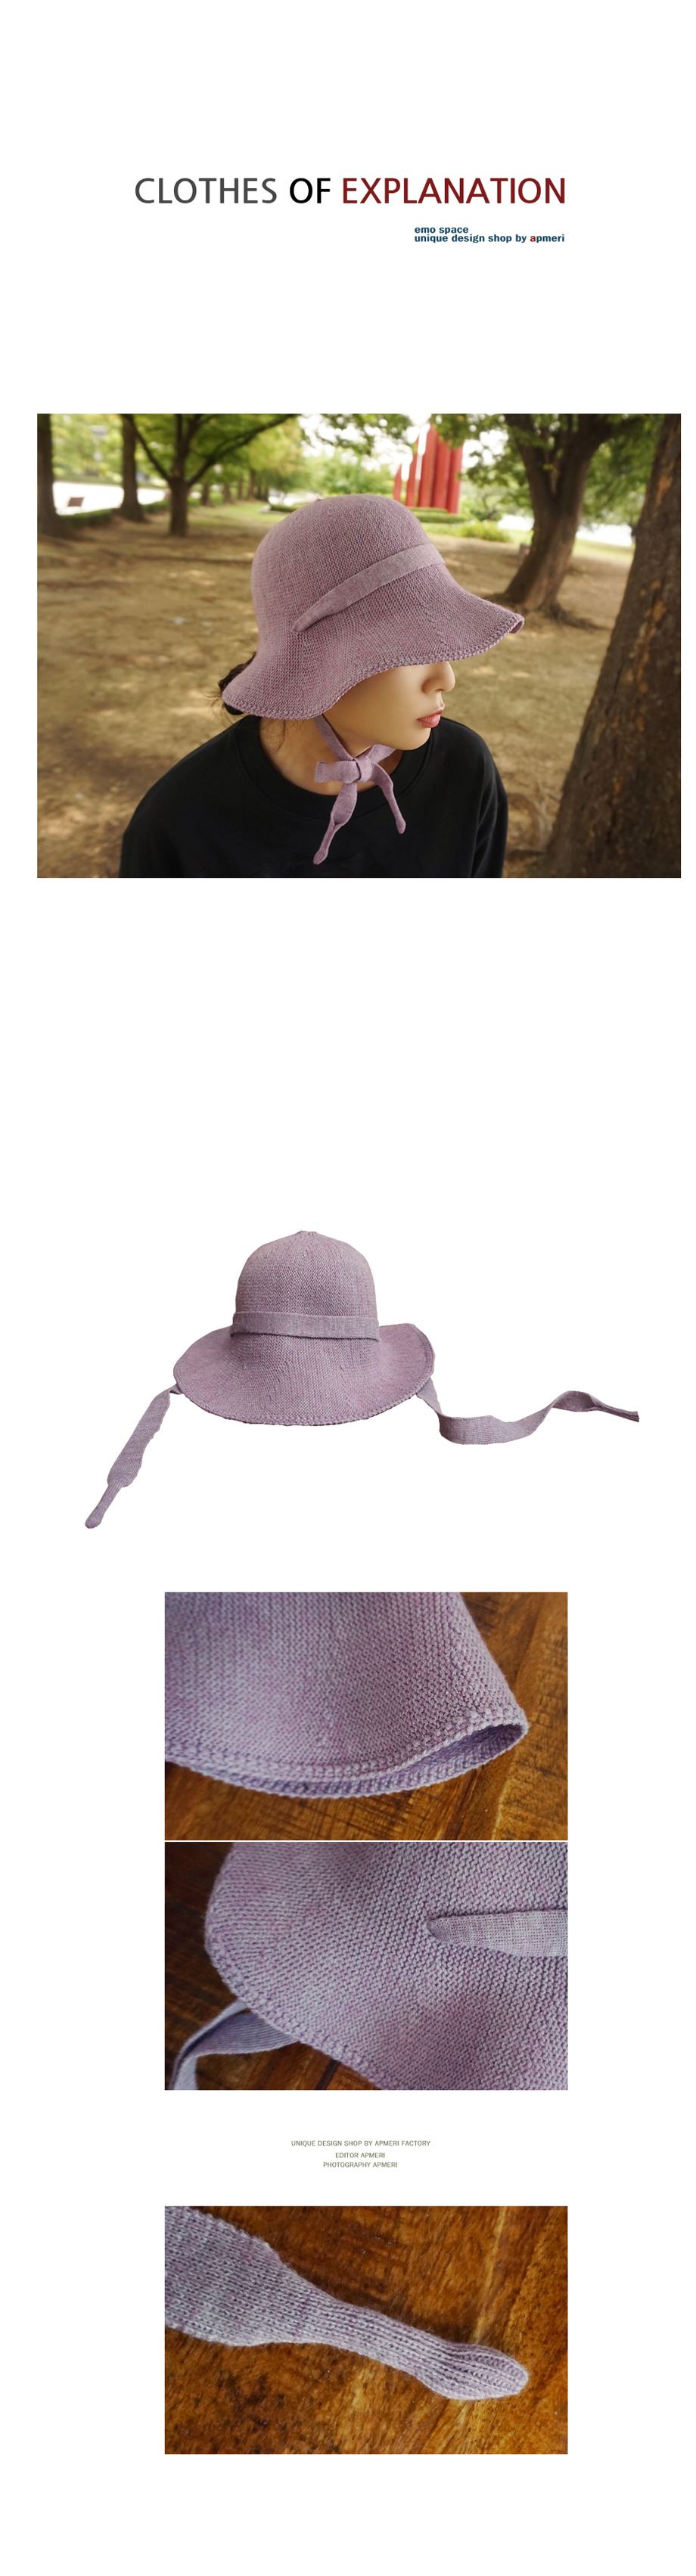 울니트 리본보넷벙거지 - 앞머리, 24,500원, 모자, 비니/털모자